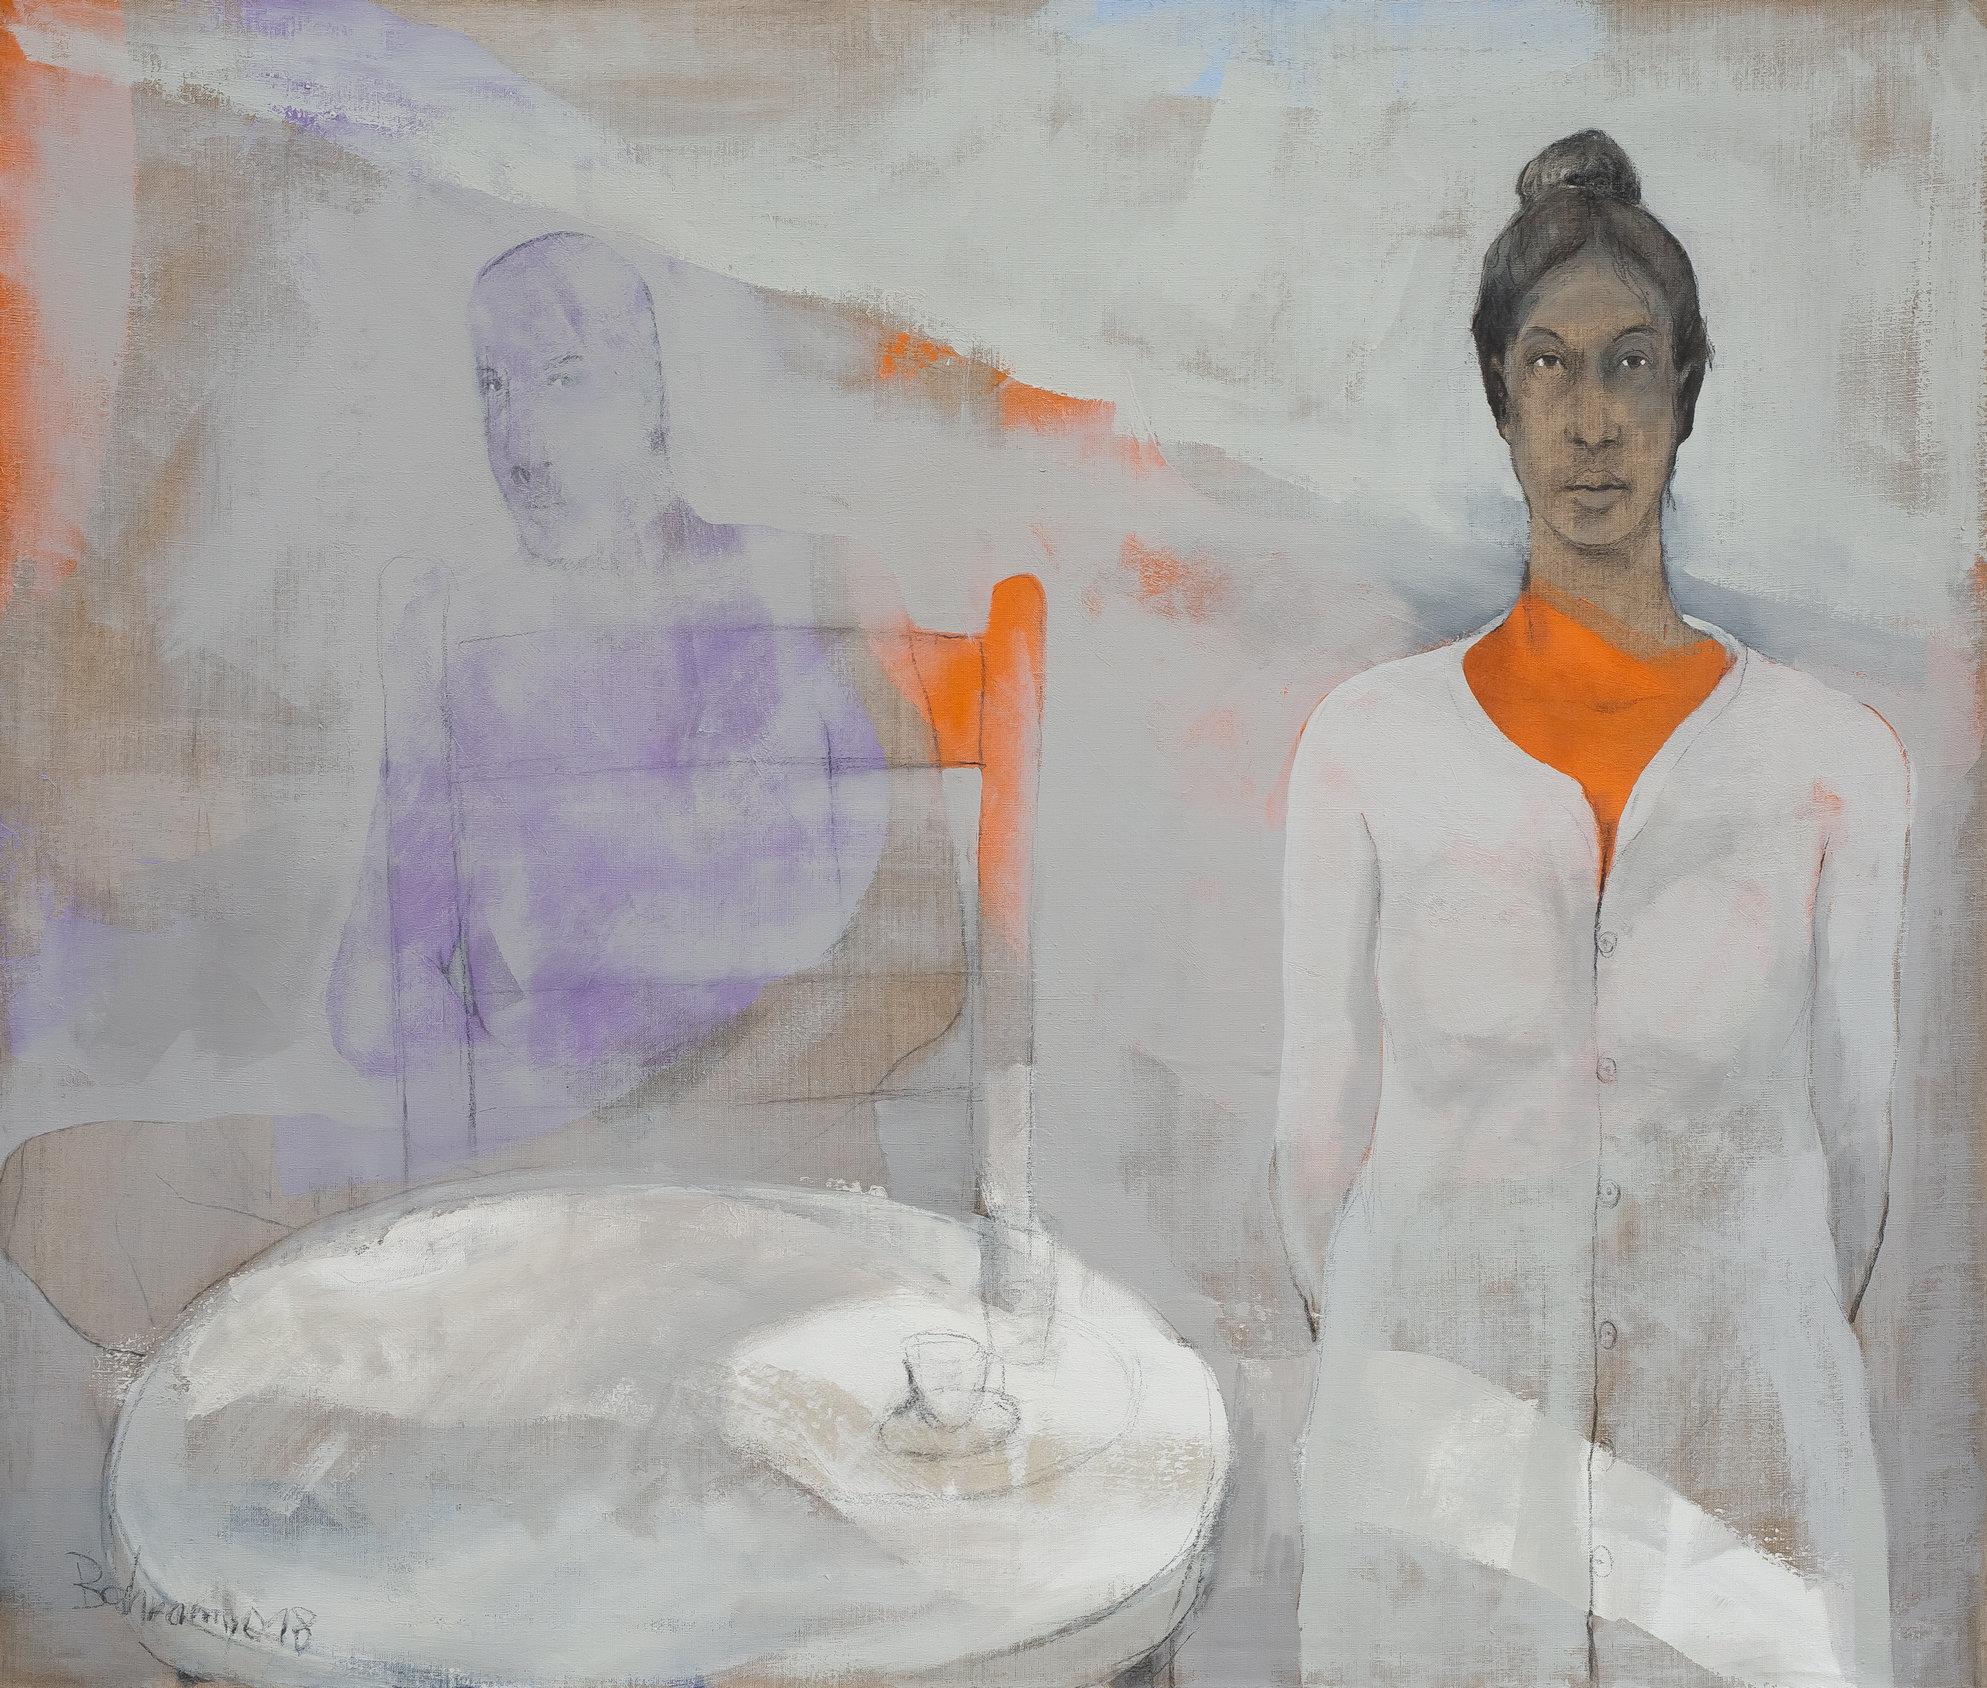 Bahram Hajou | Bez tytułu, 2018